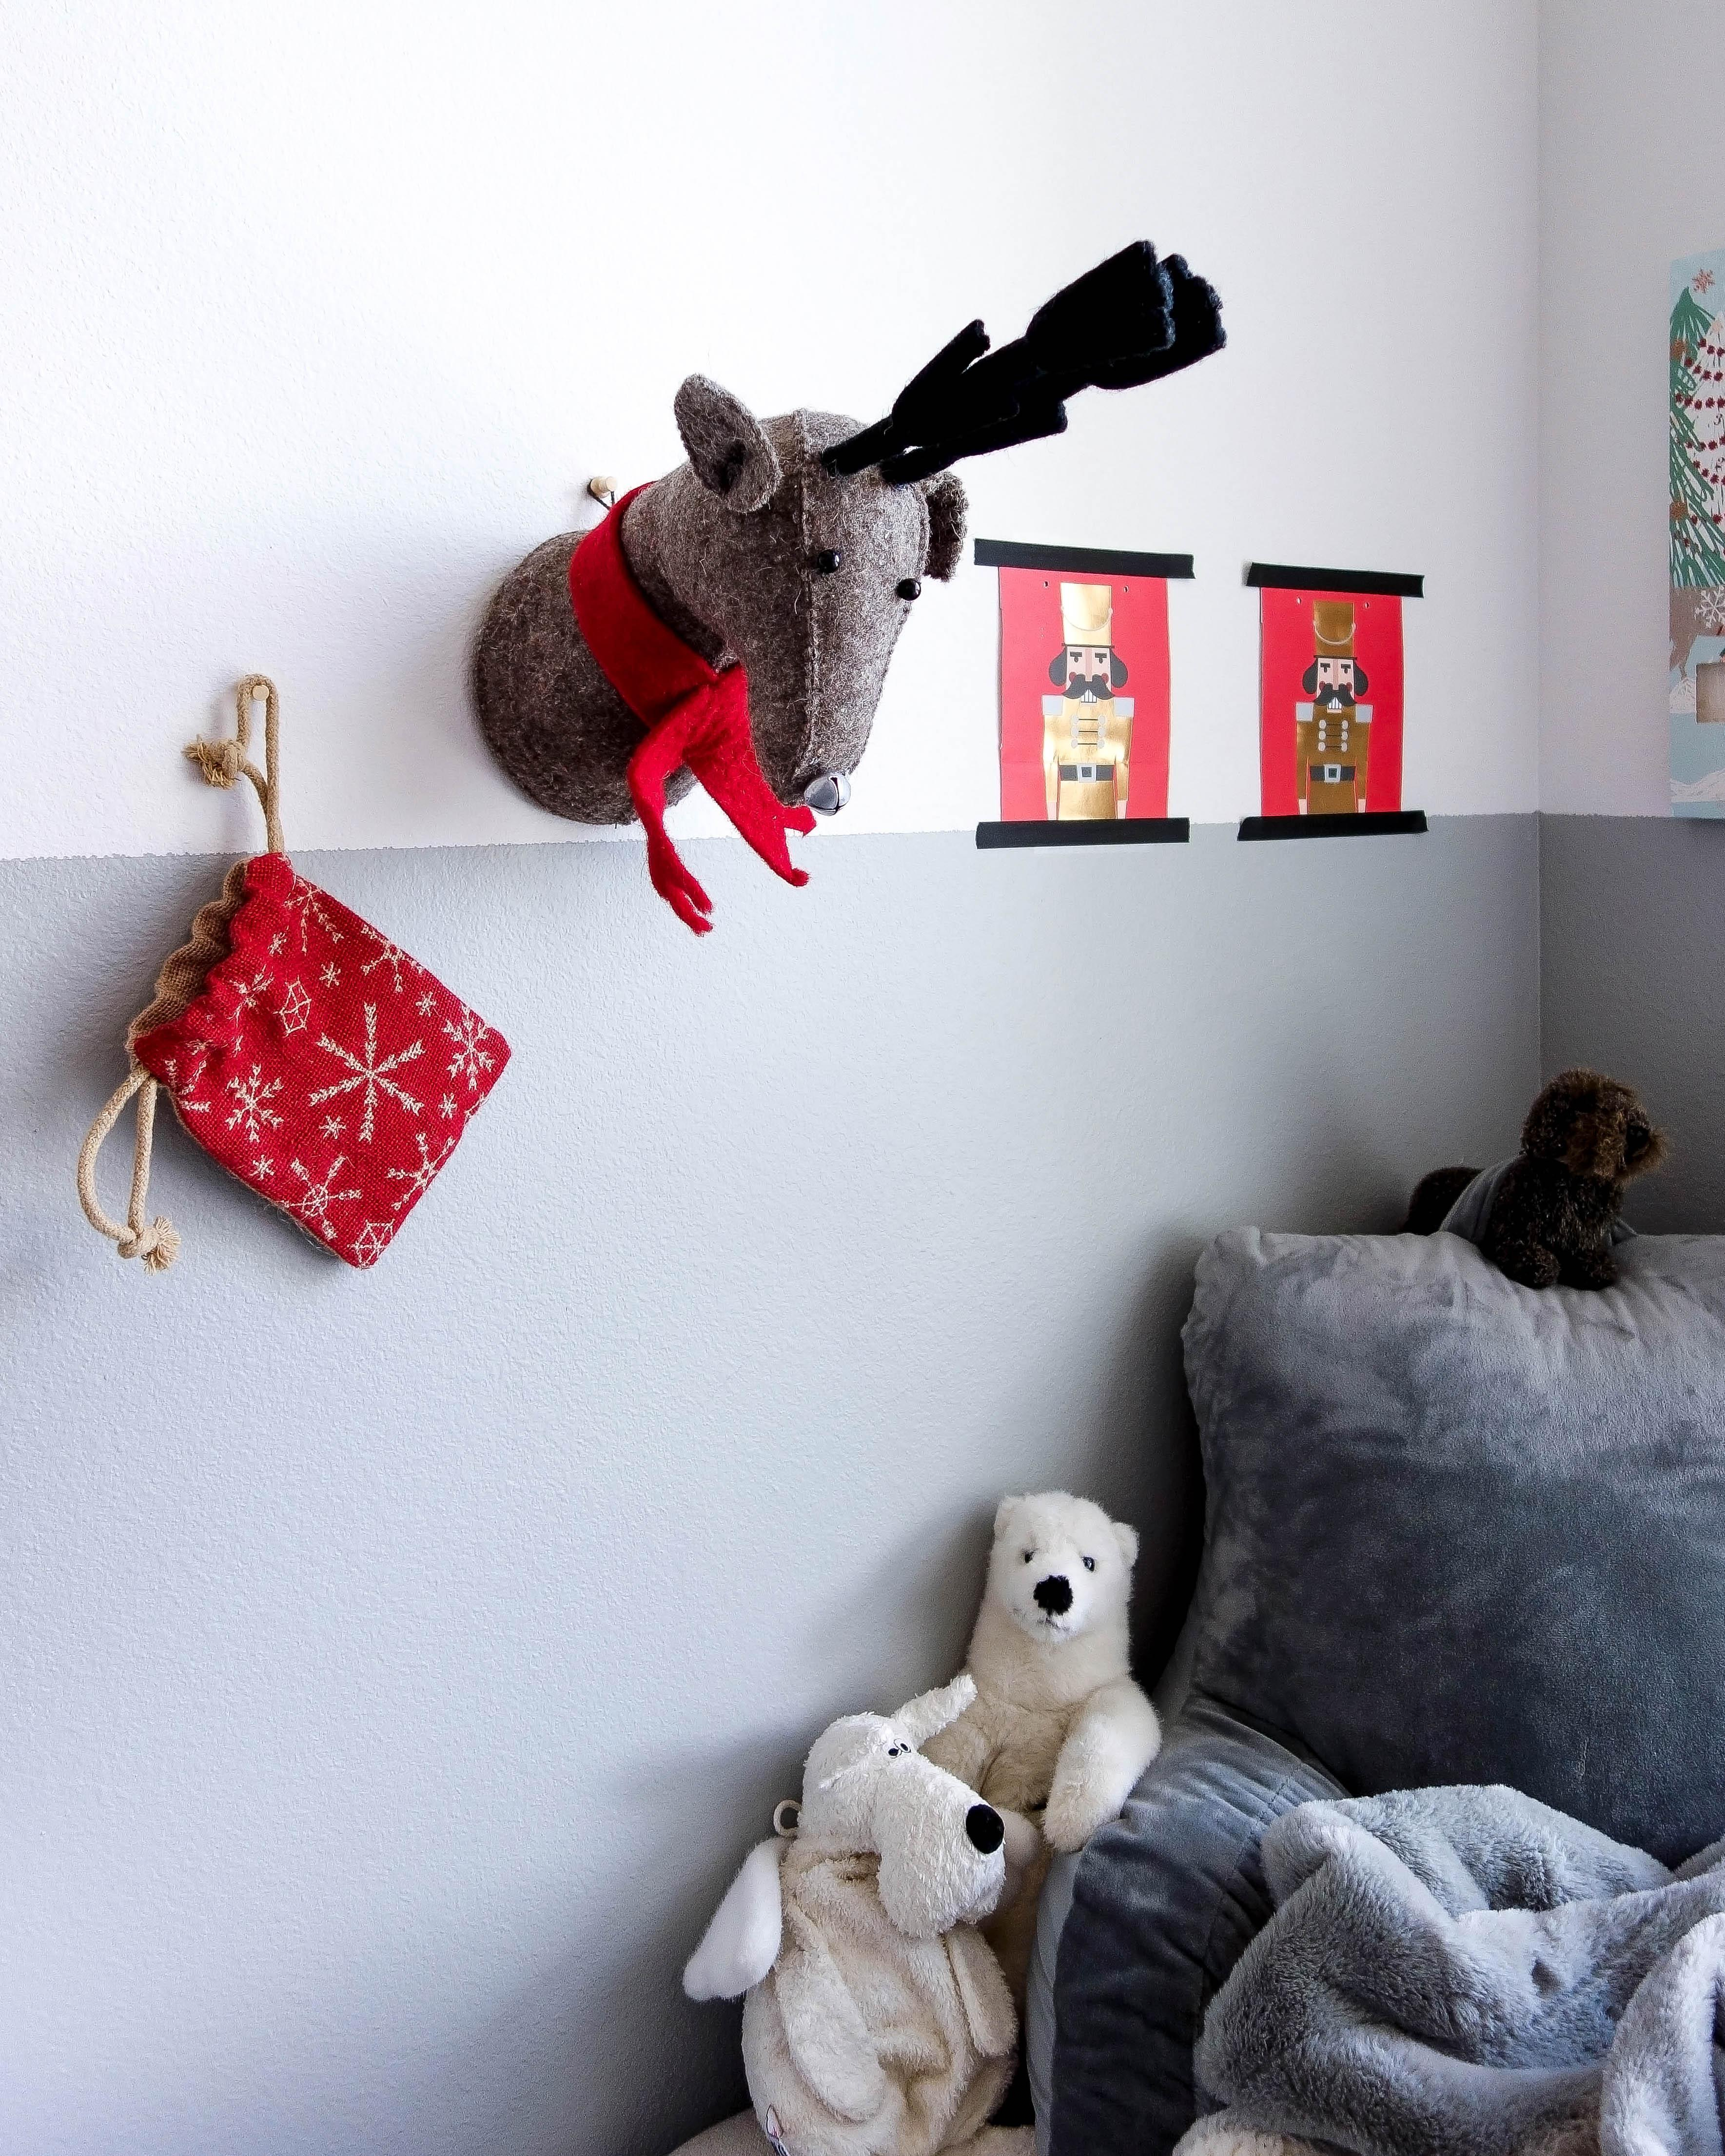 Weihnachtsdeko Kinderzimmer.Hängt Ein Elch An Der Wand Weihnachtsdeko Kind